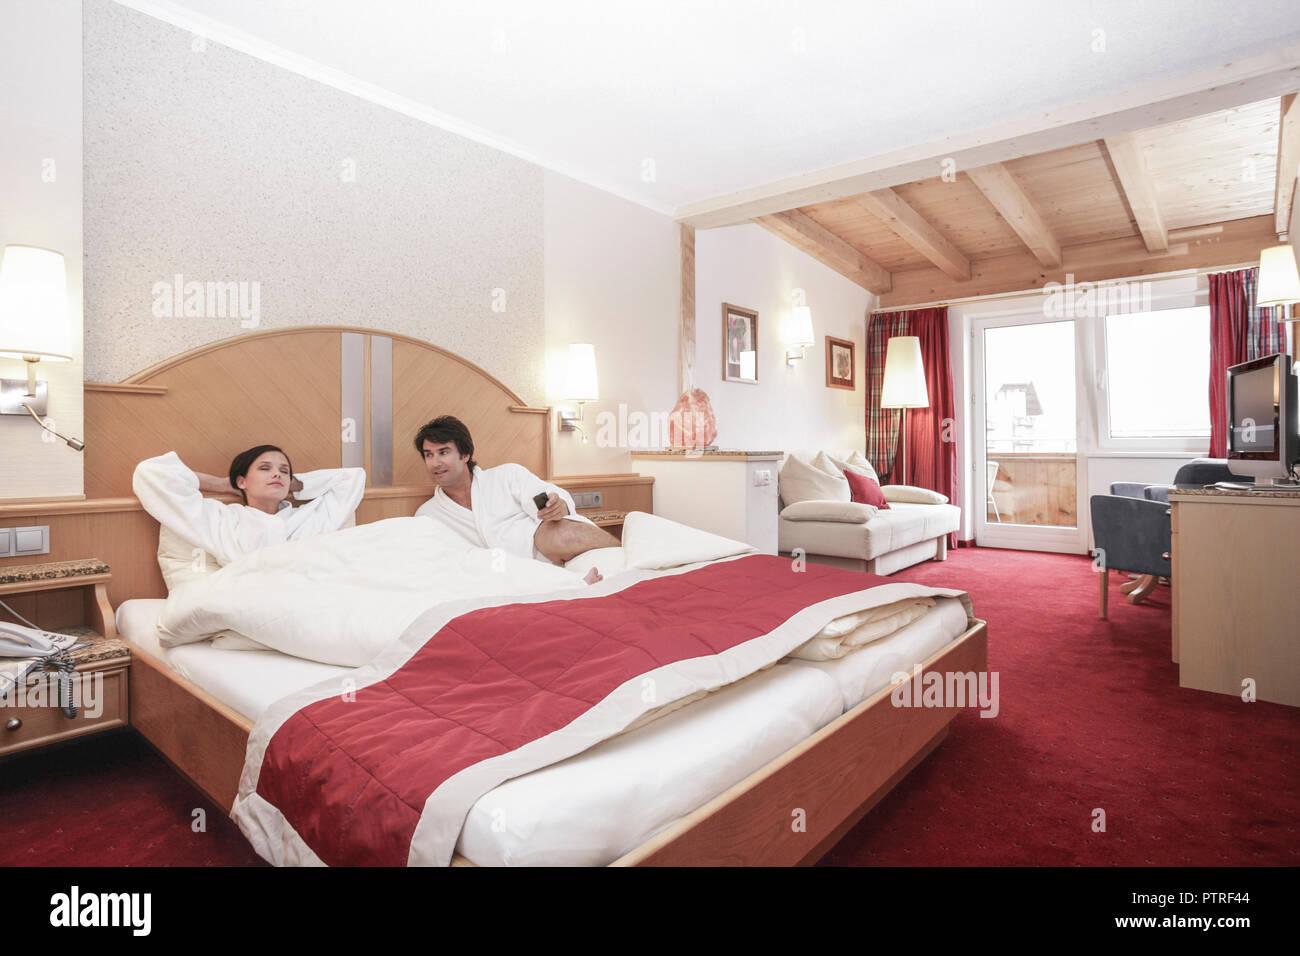 Hotelzimmer Paar Bett Liegen Froehlich Menschen 20 30 Jahre